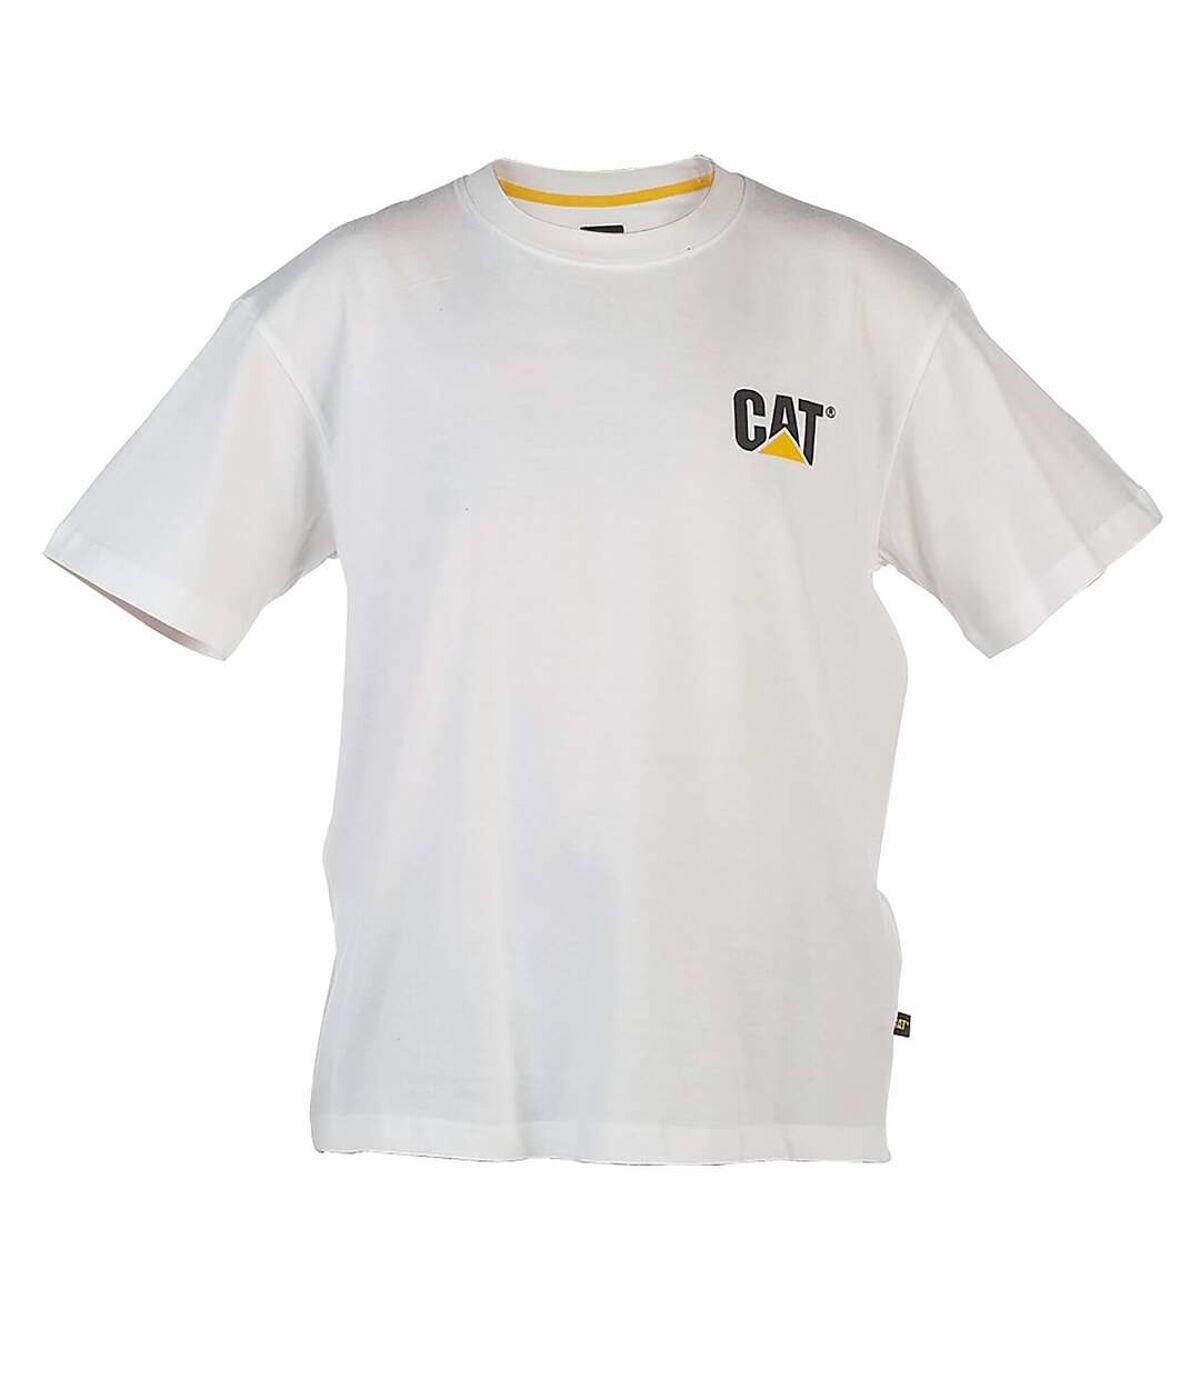 Caterpillar C324 Trademark Tee-Shirt / Mens T-Shirts (White) - UTFS208